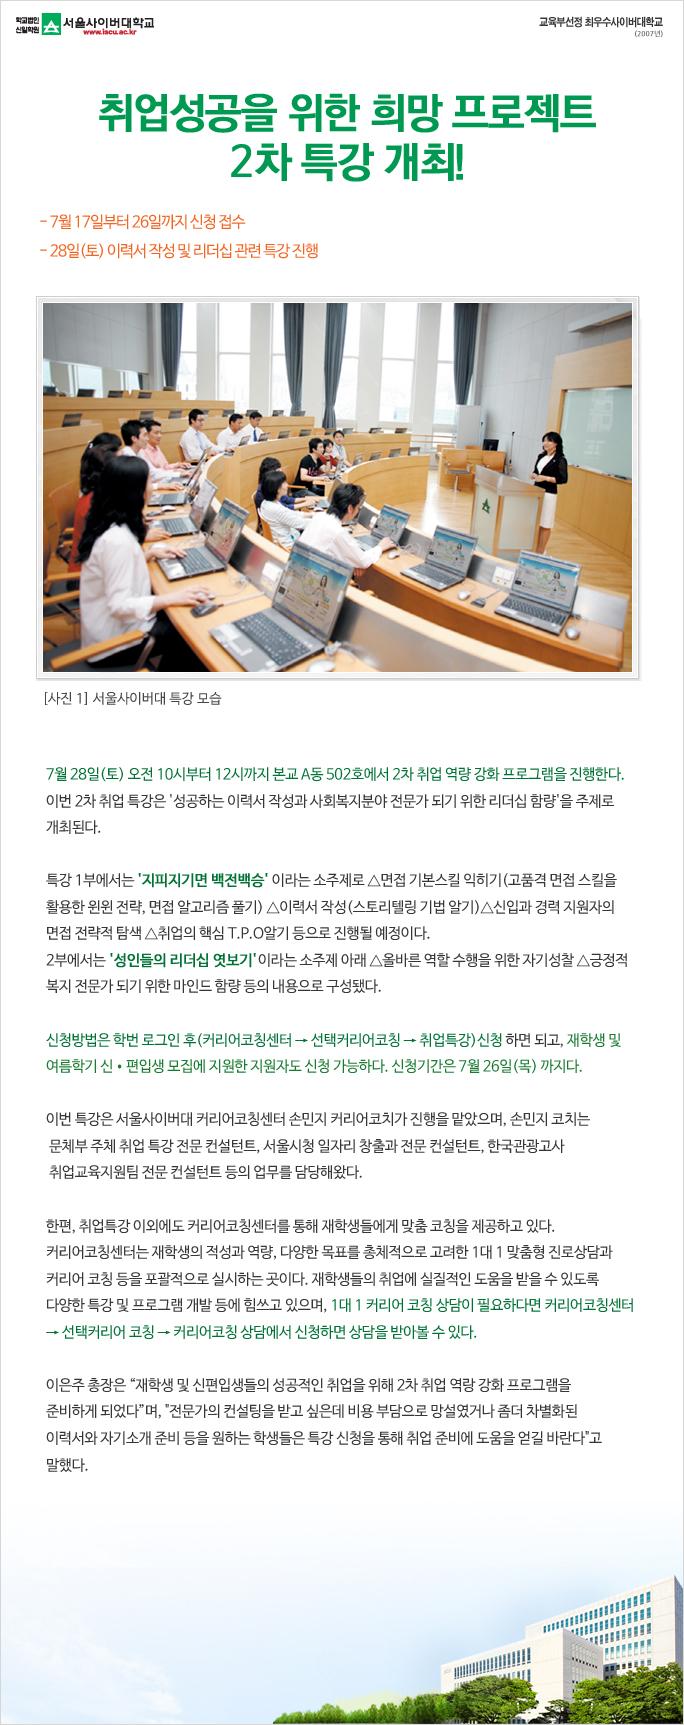 취업성공을 위한 희망 프로젝트 2차 특강 개최